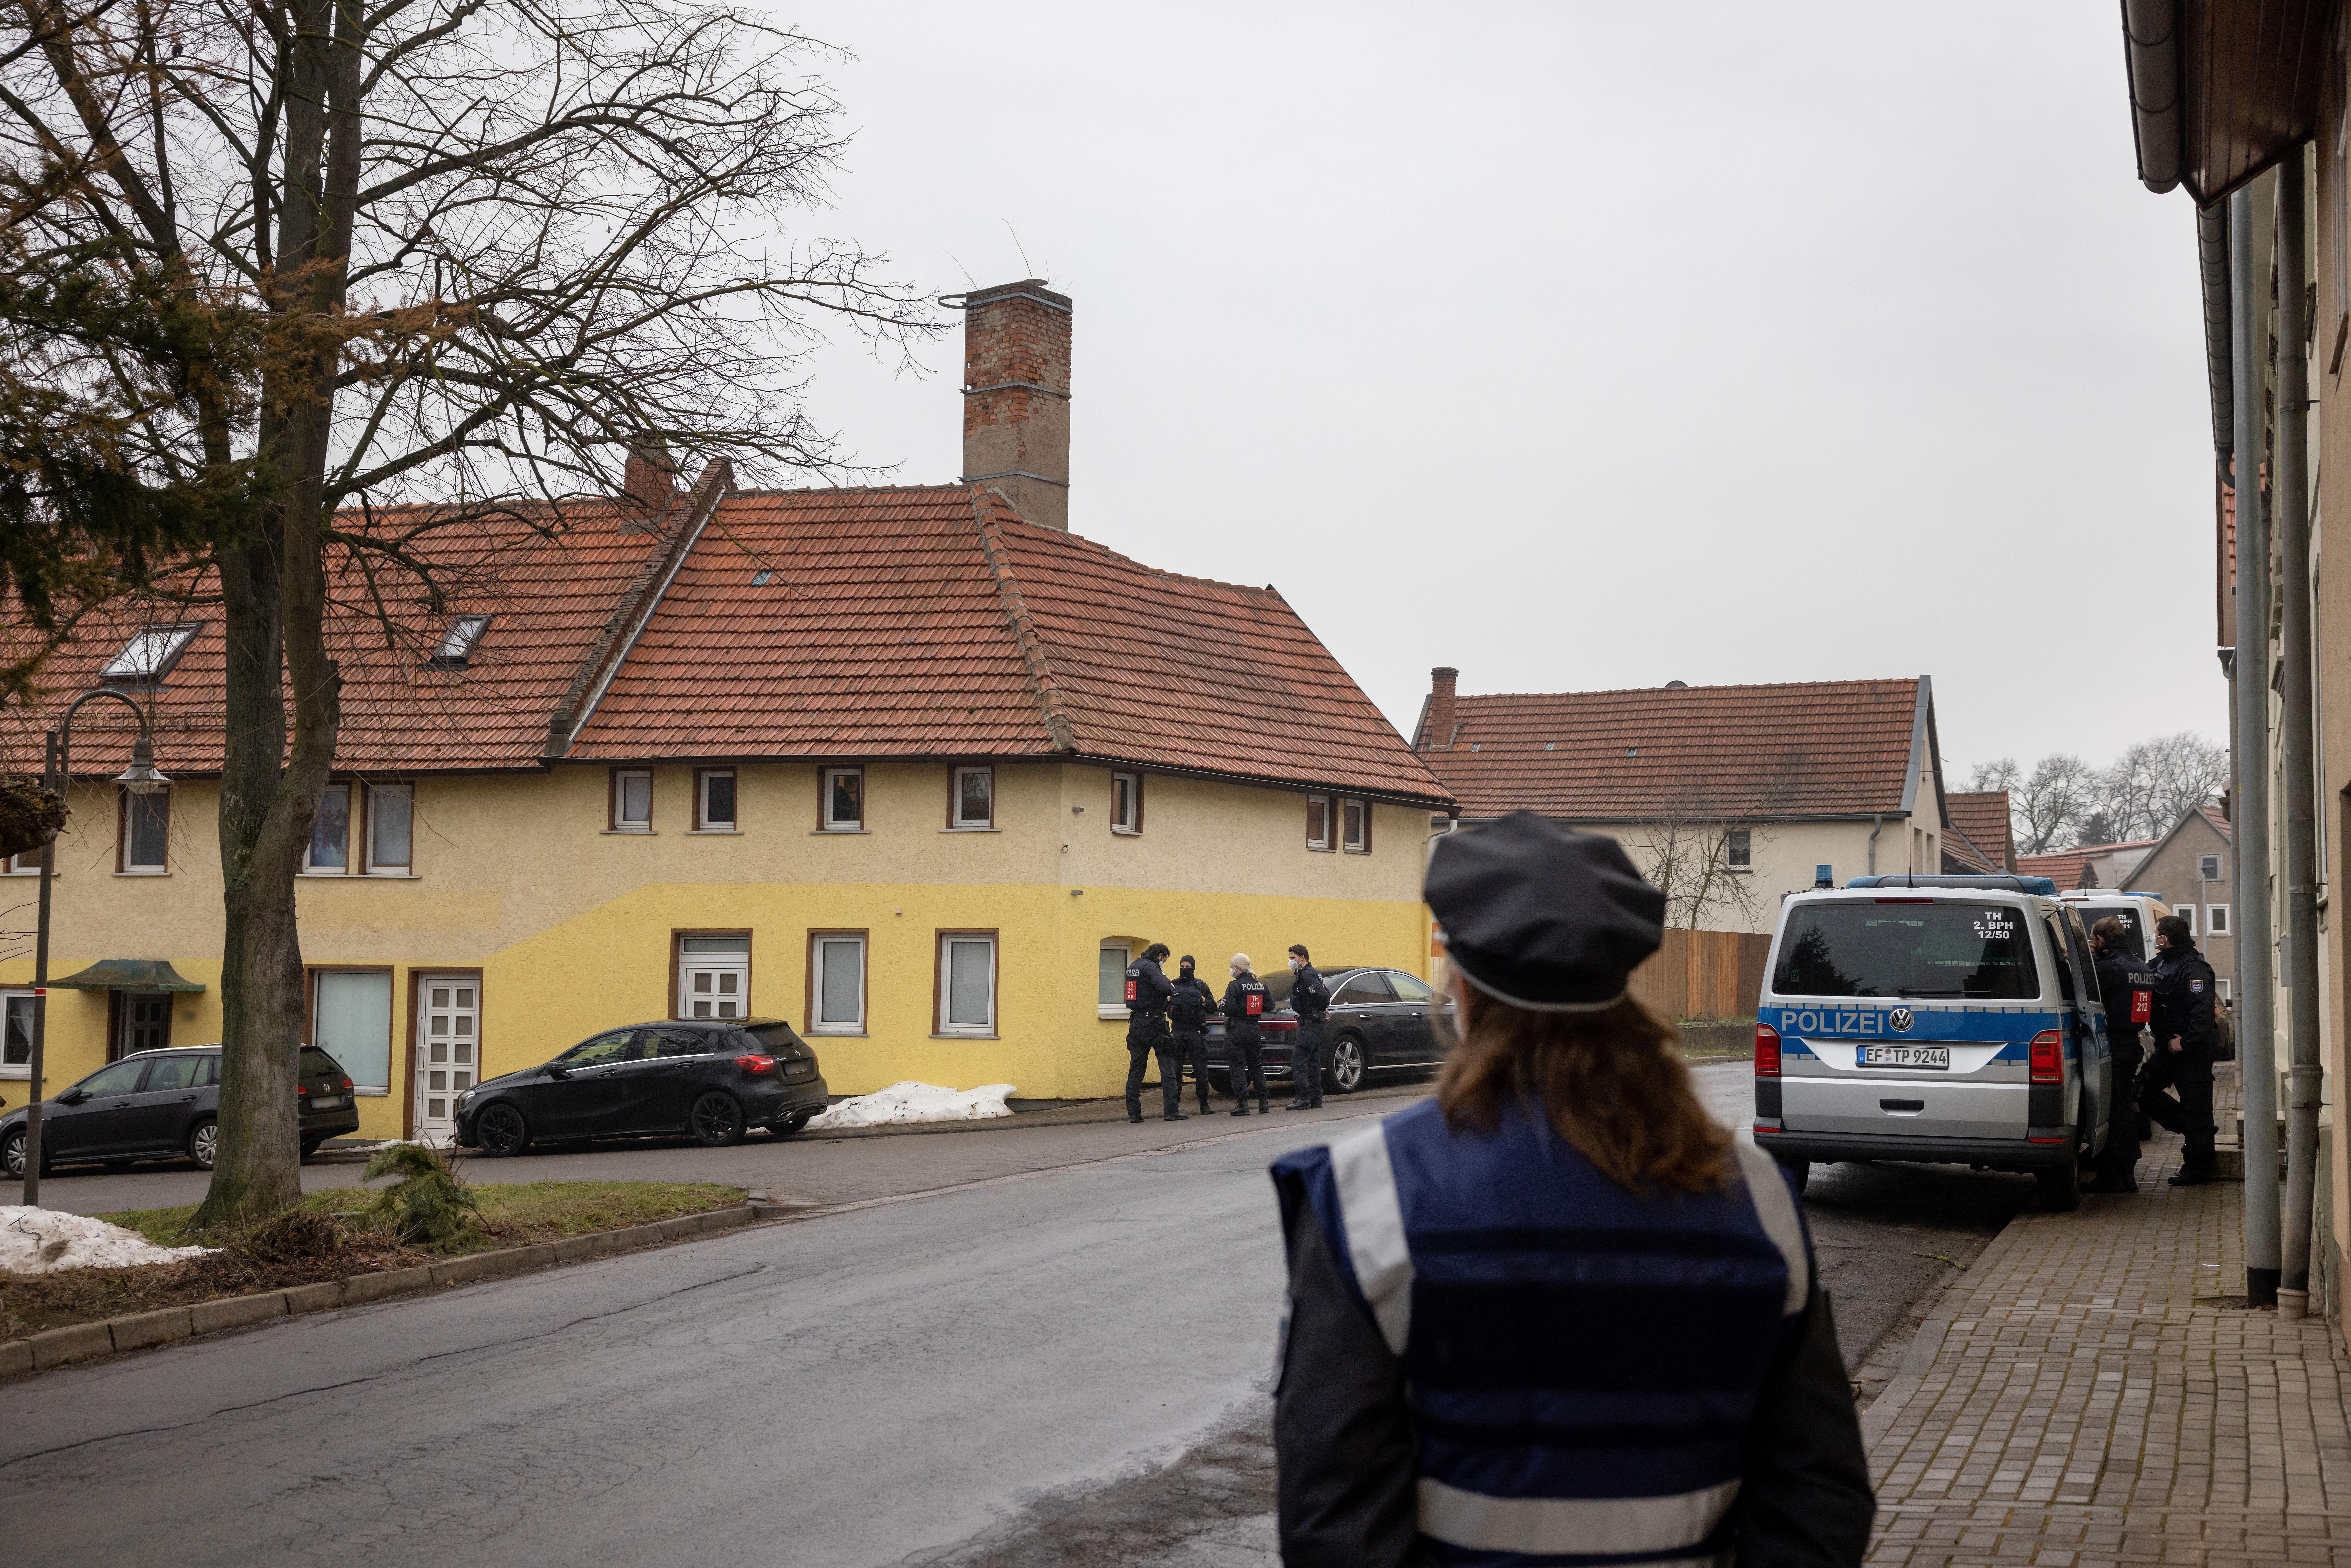 Drogterjesztésben utazó német neonácikra csaptak le a rendőrök